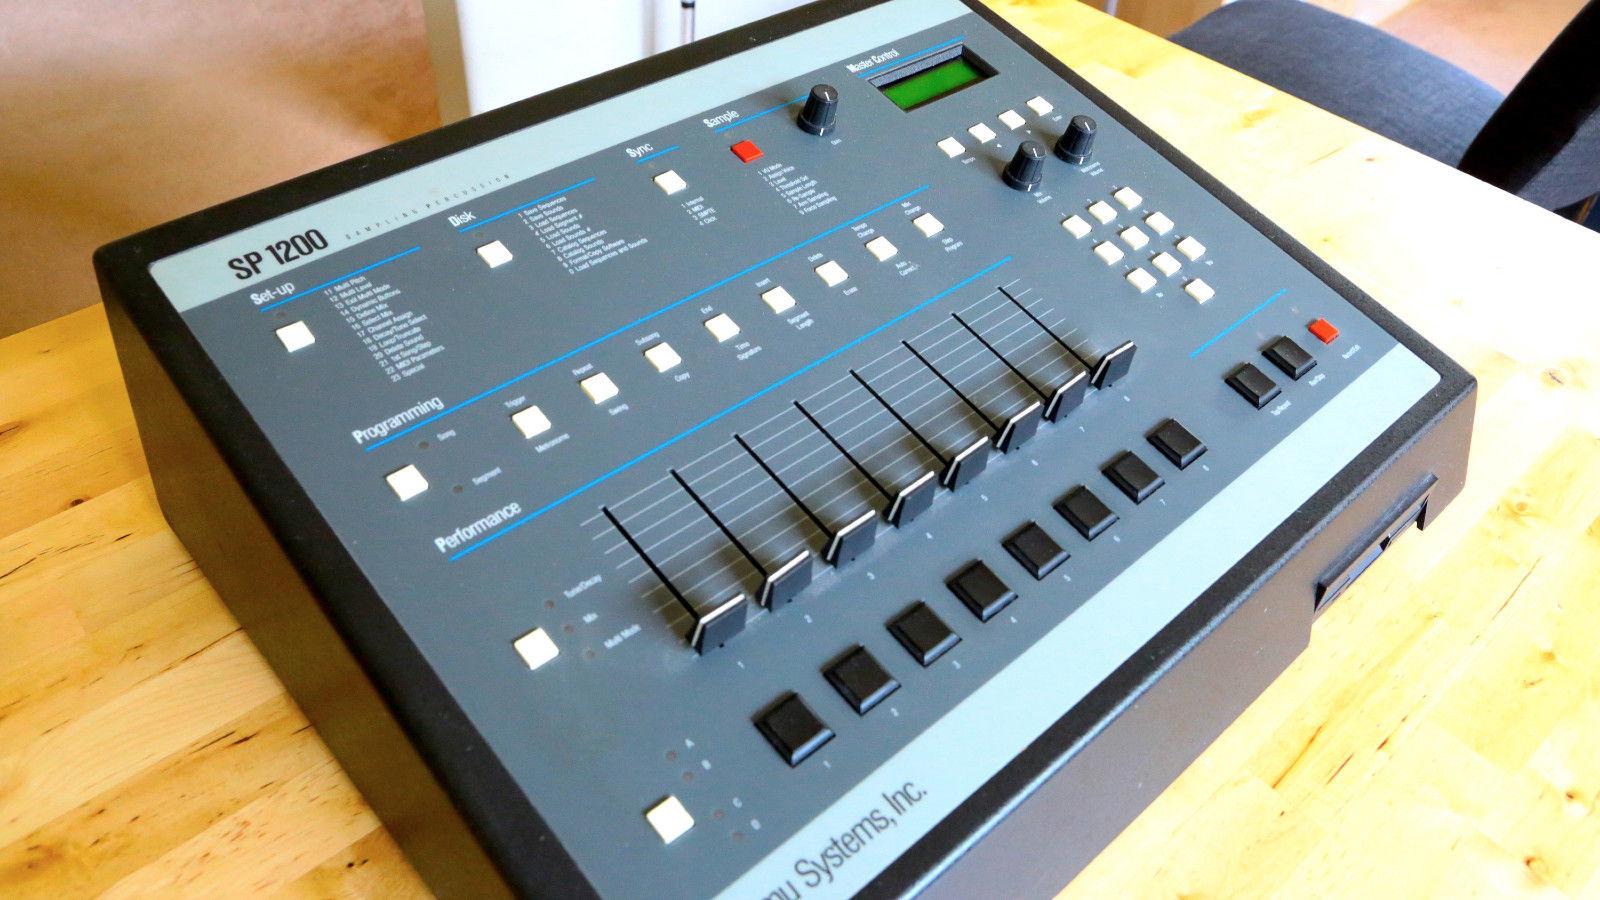 matrixsynth emu sp1200 vintage sampling drum machine sn 019704435. Black Bedroom Furniture Sets. Home Design Ideas